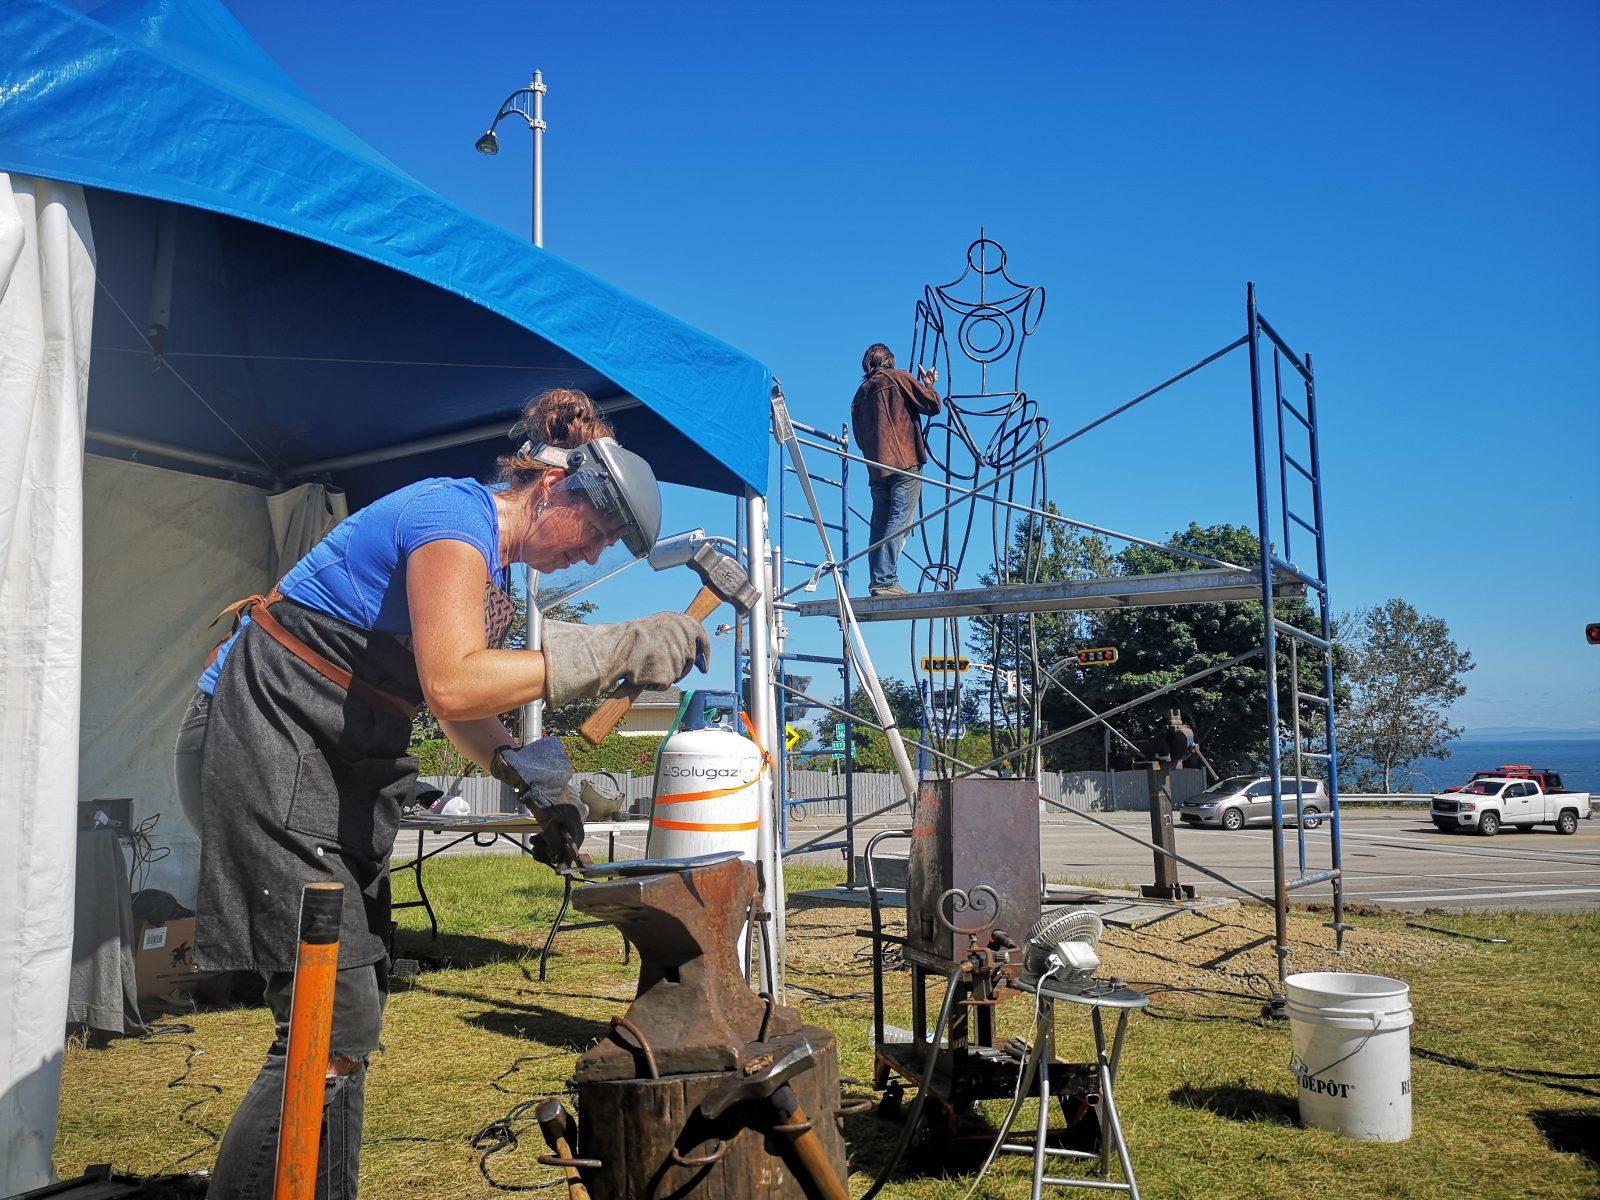 (Vidéo)La géante de fer de Pointe-au-Pic prend forme